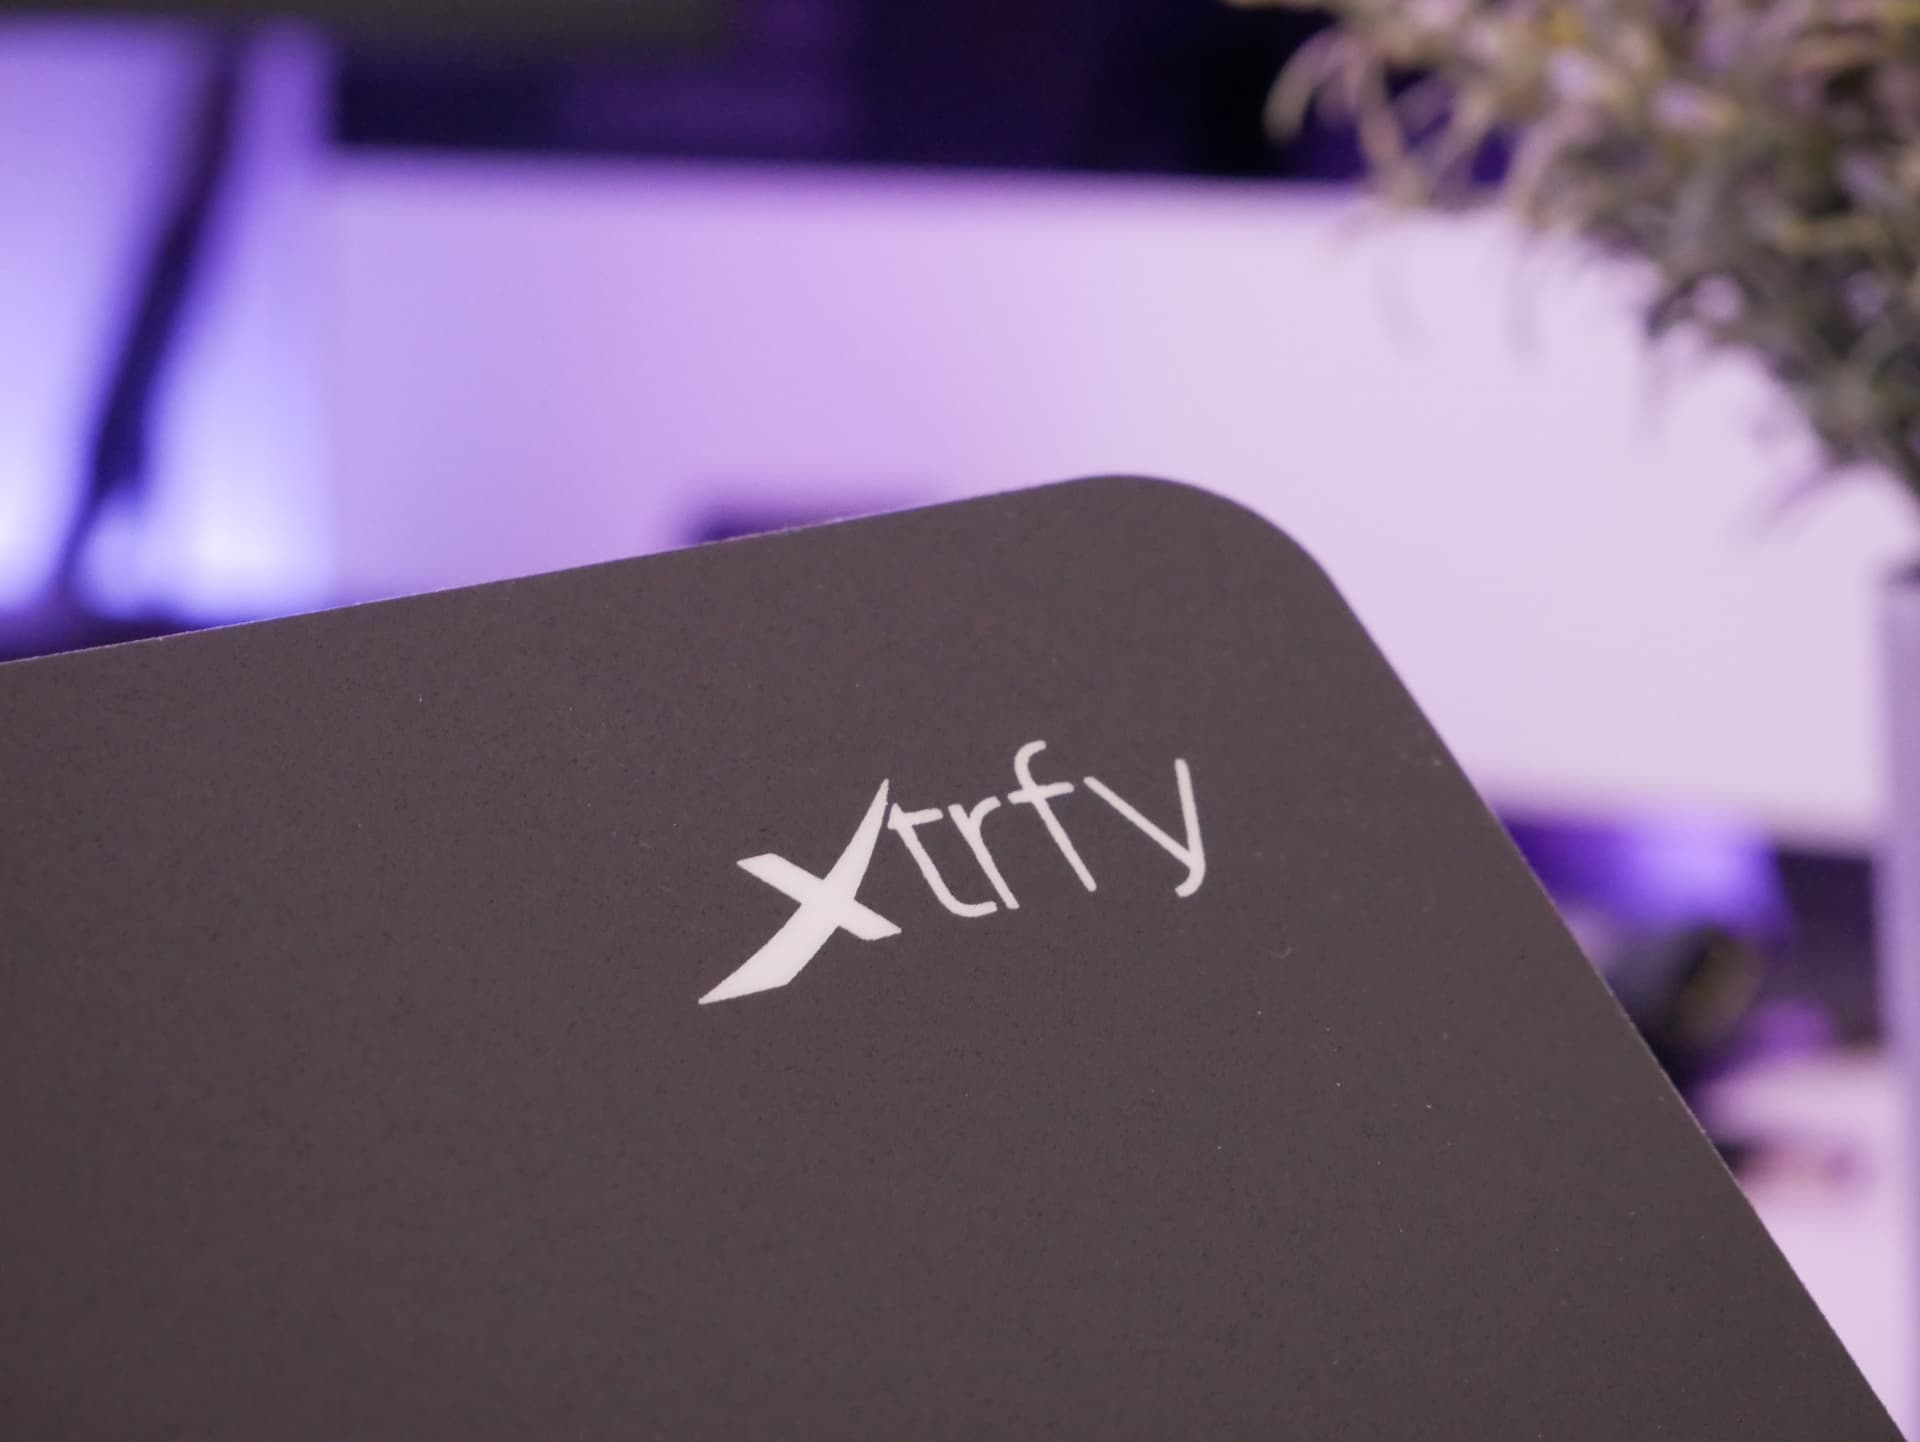 「Xtrfy GP3」レビュー。シンプルなデザインに変更された、ややコントロール寄りのハードマウスパッド